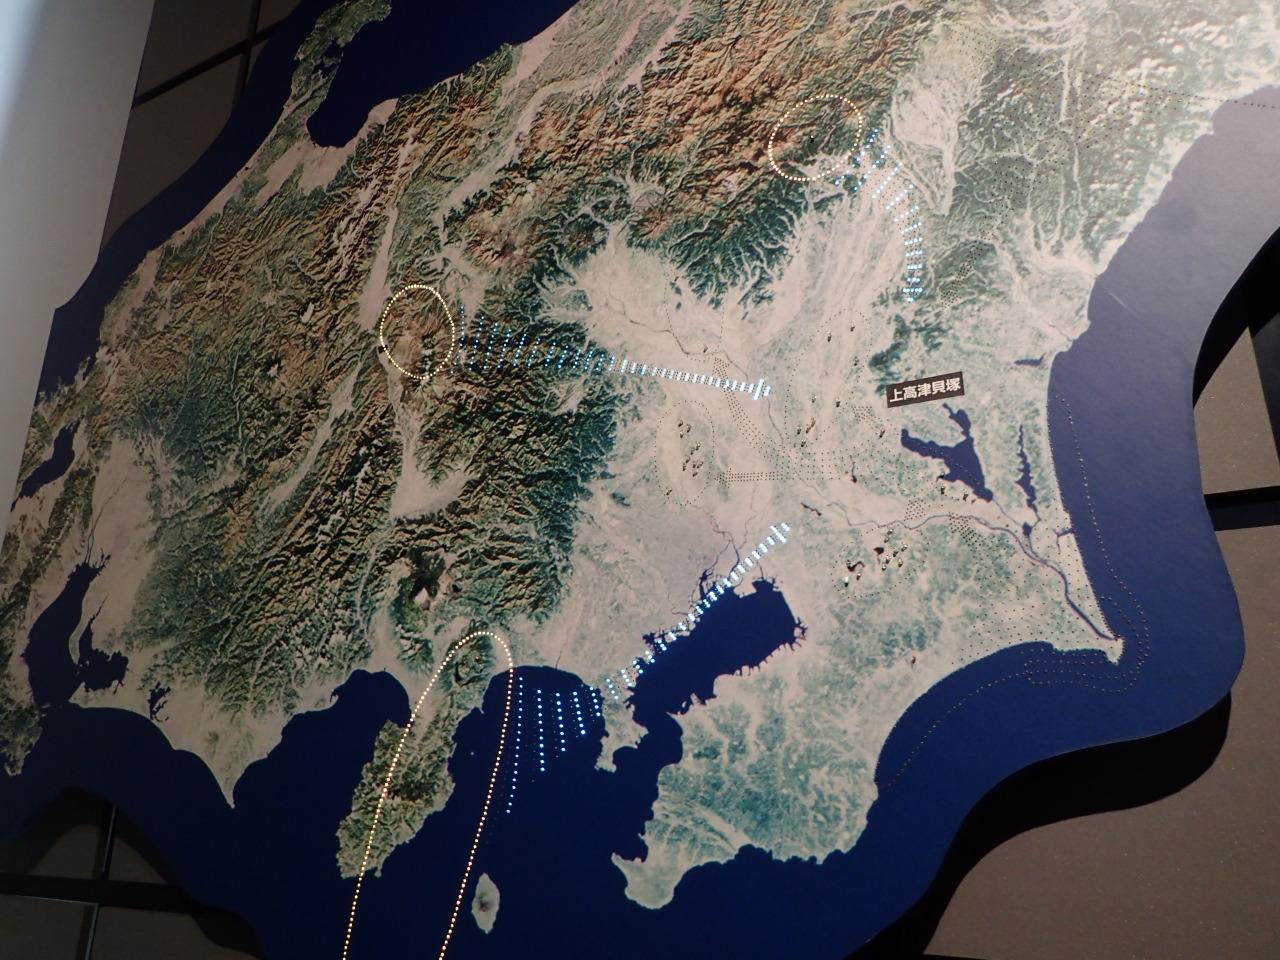 上高津貝塚ふるさと歴史の広場・考古資料館